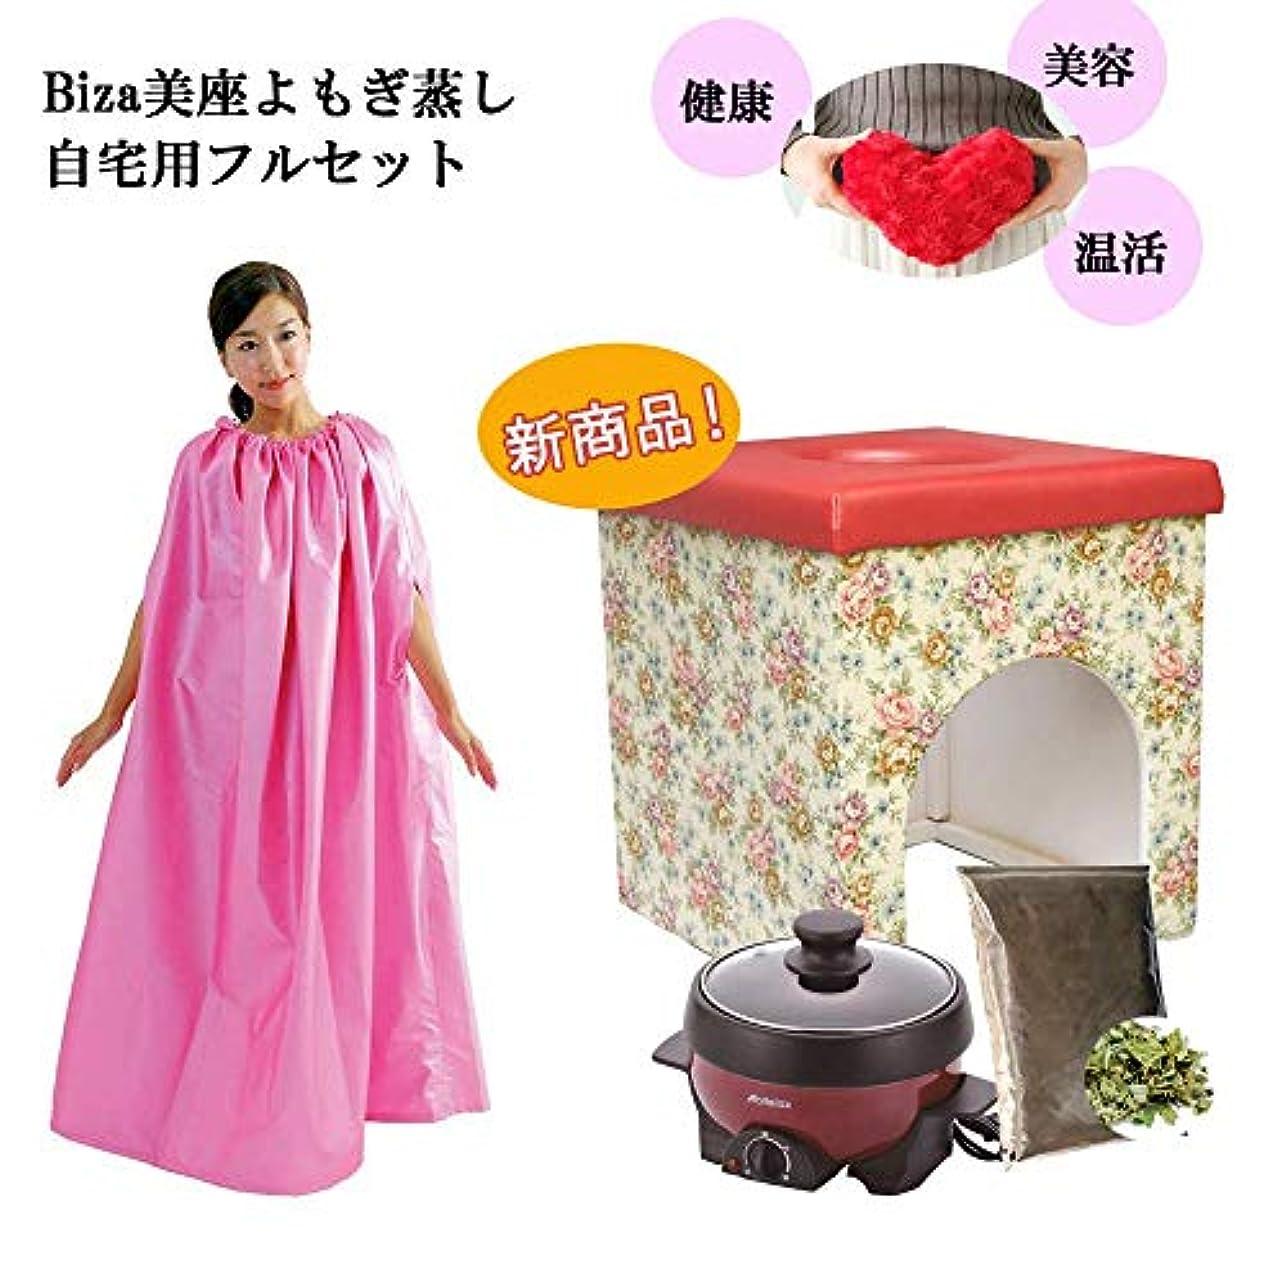 相関する費用世界的にまる温 よもぎ蒸し自宅用フルセット【ローズ002】 (ピンク)